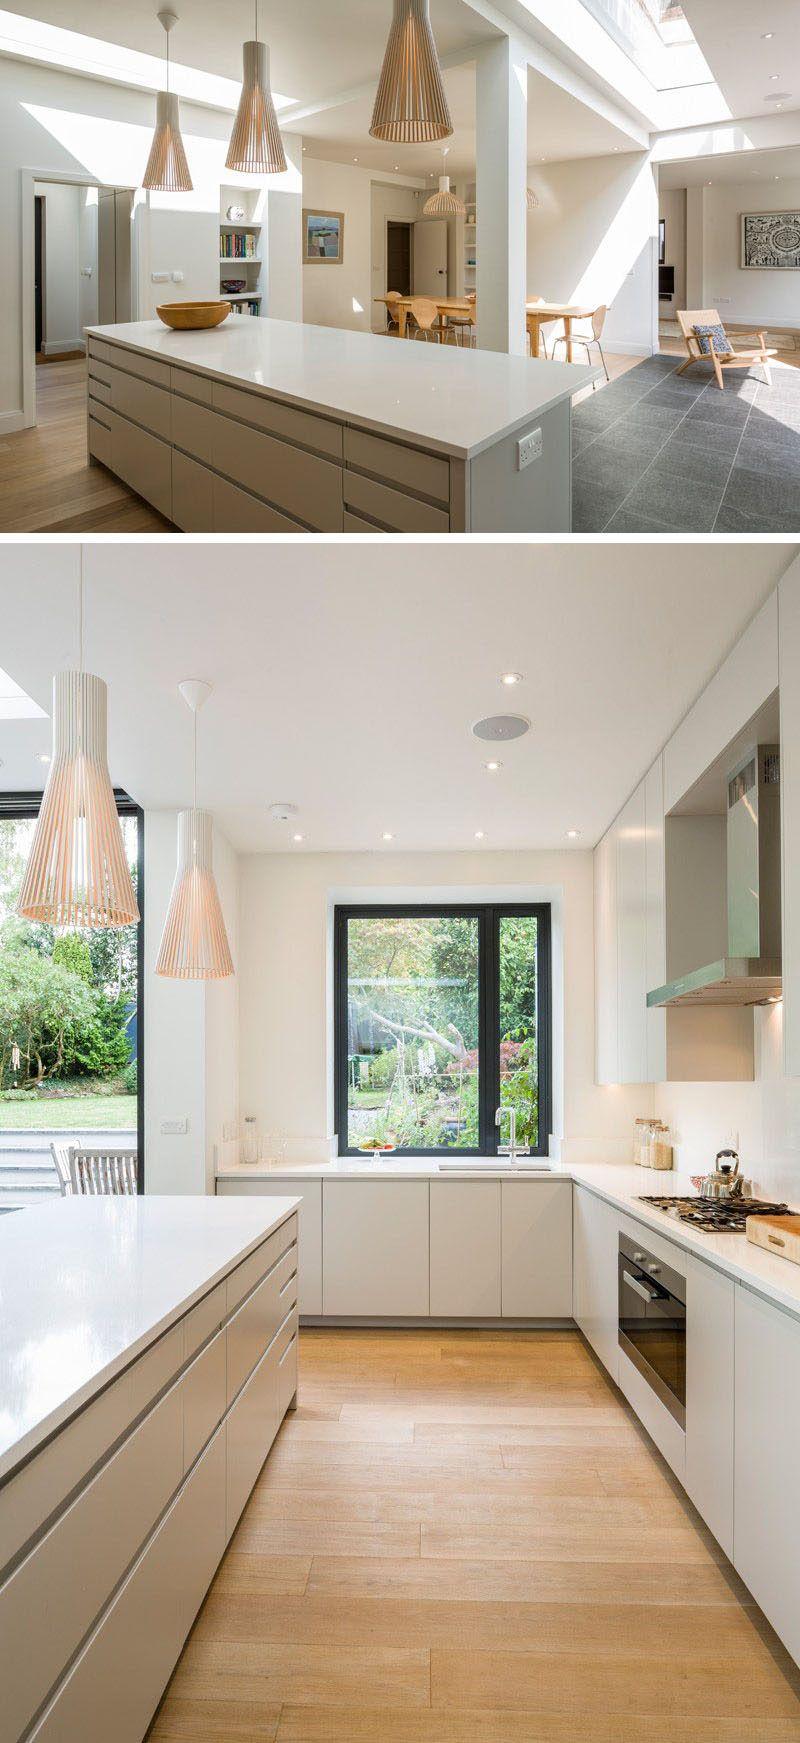 Kitchen Design Idea - Cabinet Hardware Alternatives | Lavandería y ...